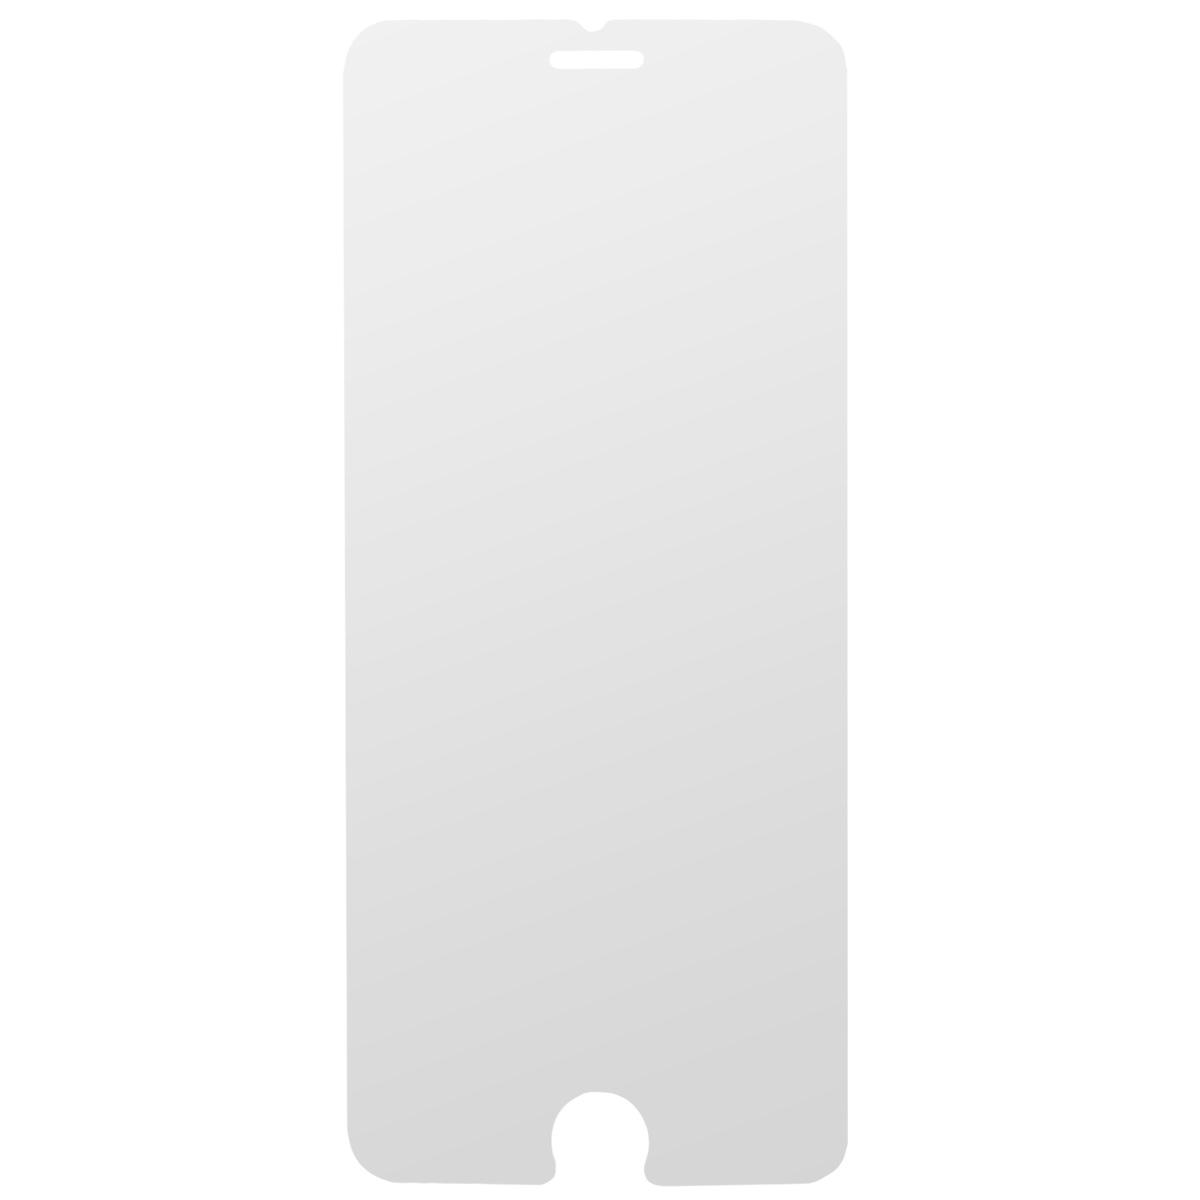 Highscreen защитное стекло для iPhone 6 Plus, прозрачное22884Защитное стекло Highscreen для iPhone 6 Plus - надежная защита экрана смартфона от грязи, пыли, отпечатков пальцев и царапин. Стекло изготовлено точно по размеру экрана, отличается кристальной прозрачностью и имеет все необходимые прорези.